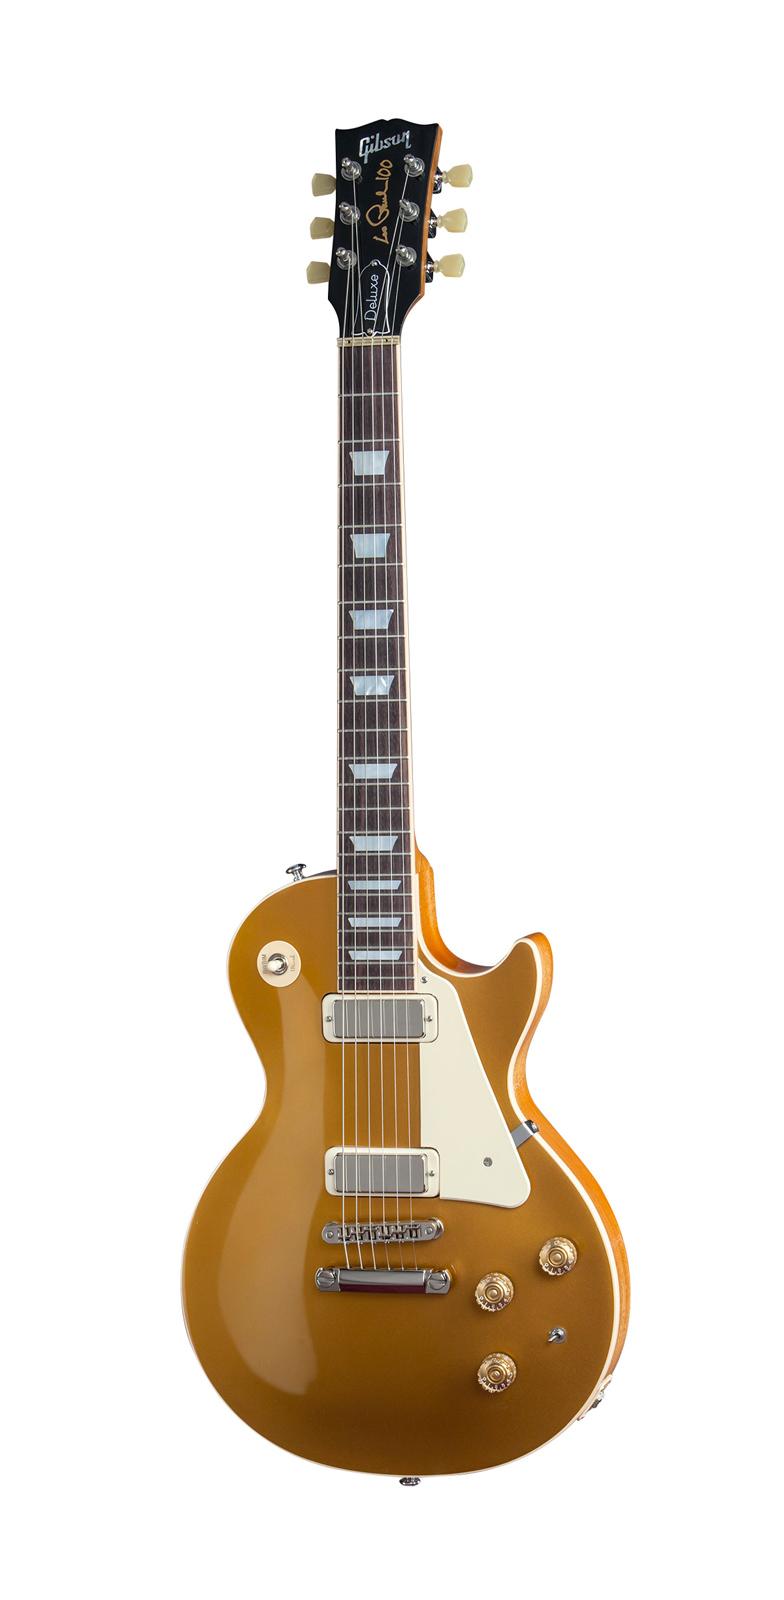 Gibson Les Paul Lp Deluxe Metallic 2015 Gold Top + Etui